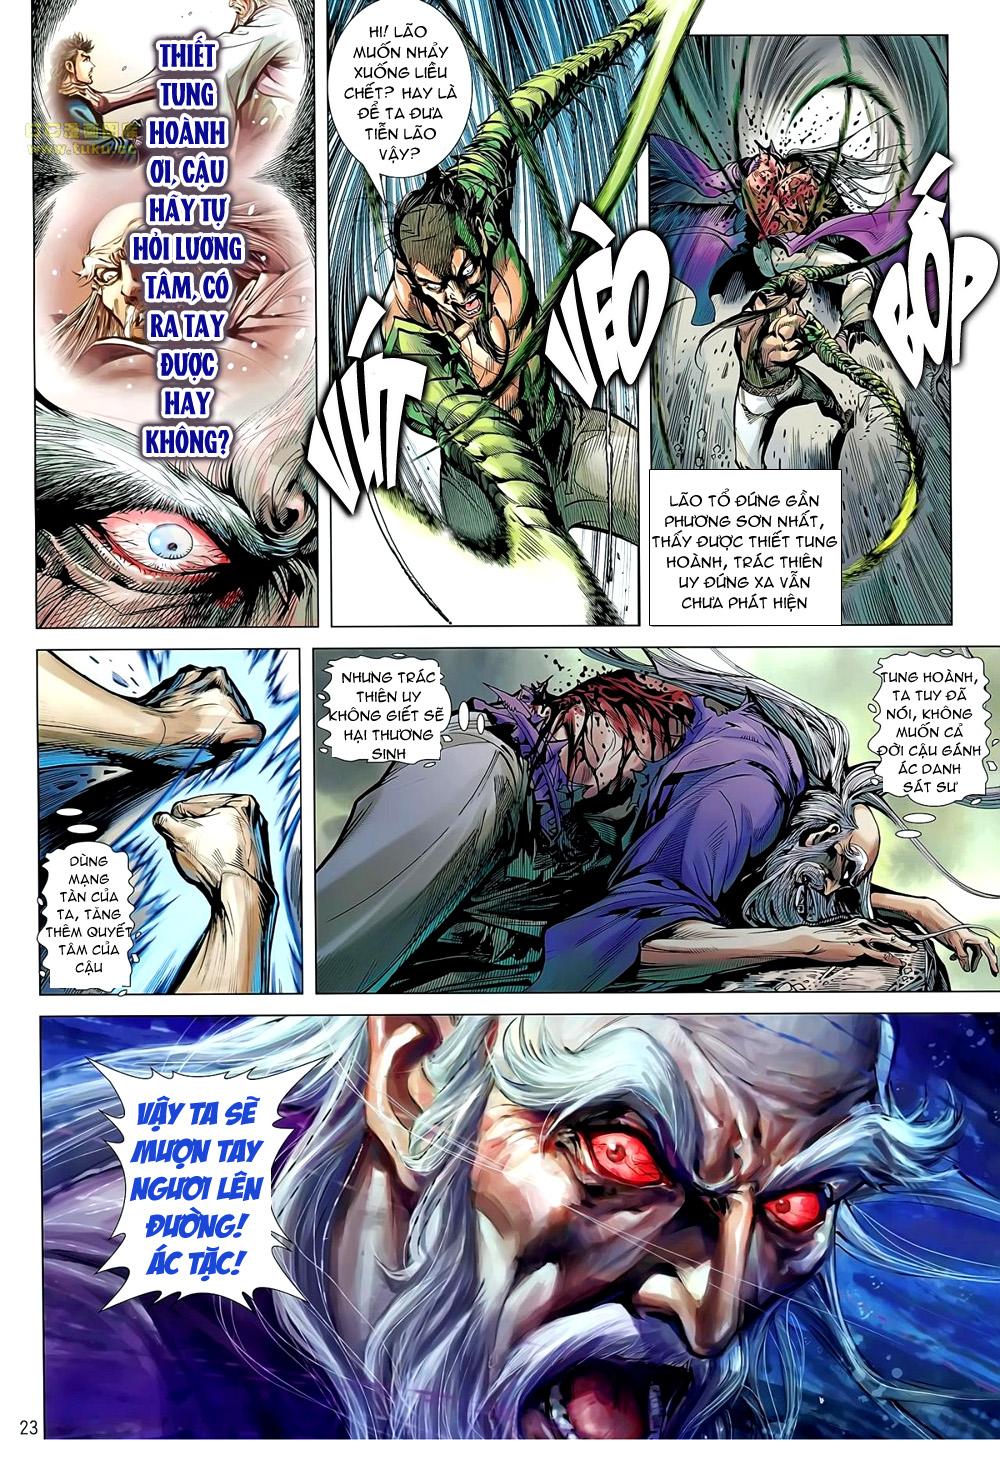 truyện tranh thiết tướng tung hoành Chapter 55/